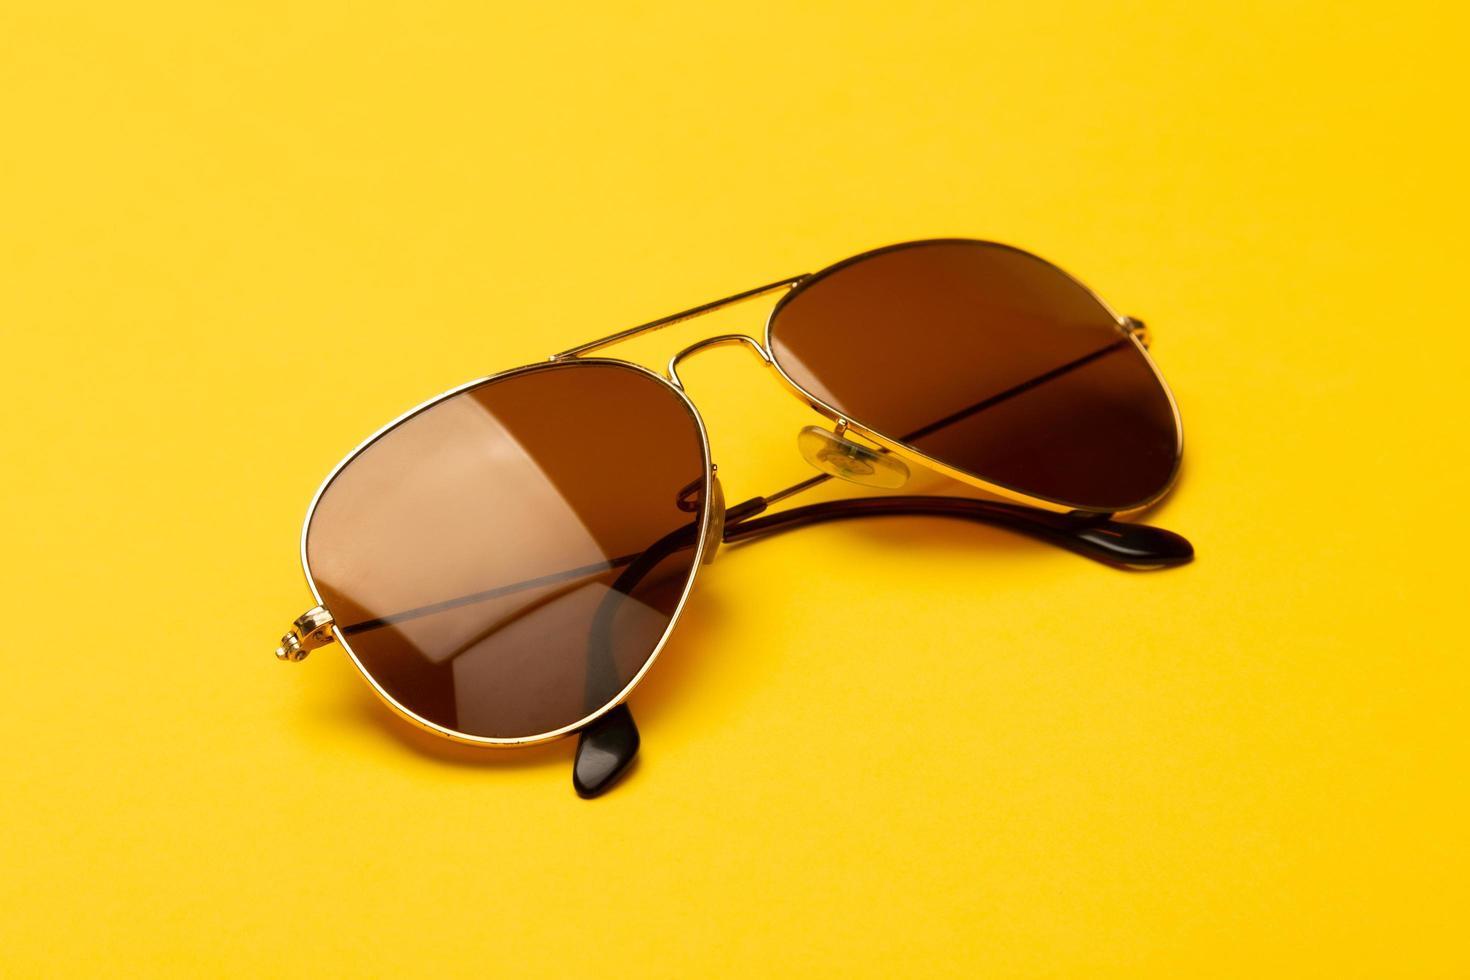 Pilotenbrille auf gelbem Hintergrund foto